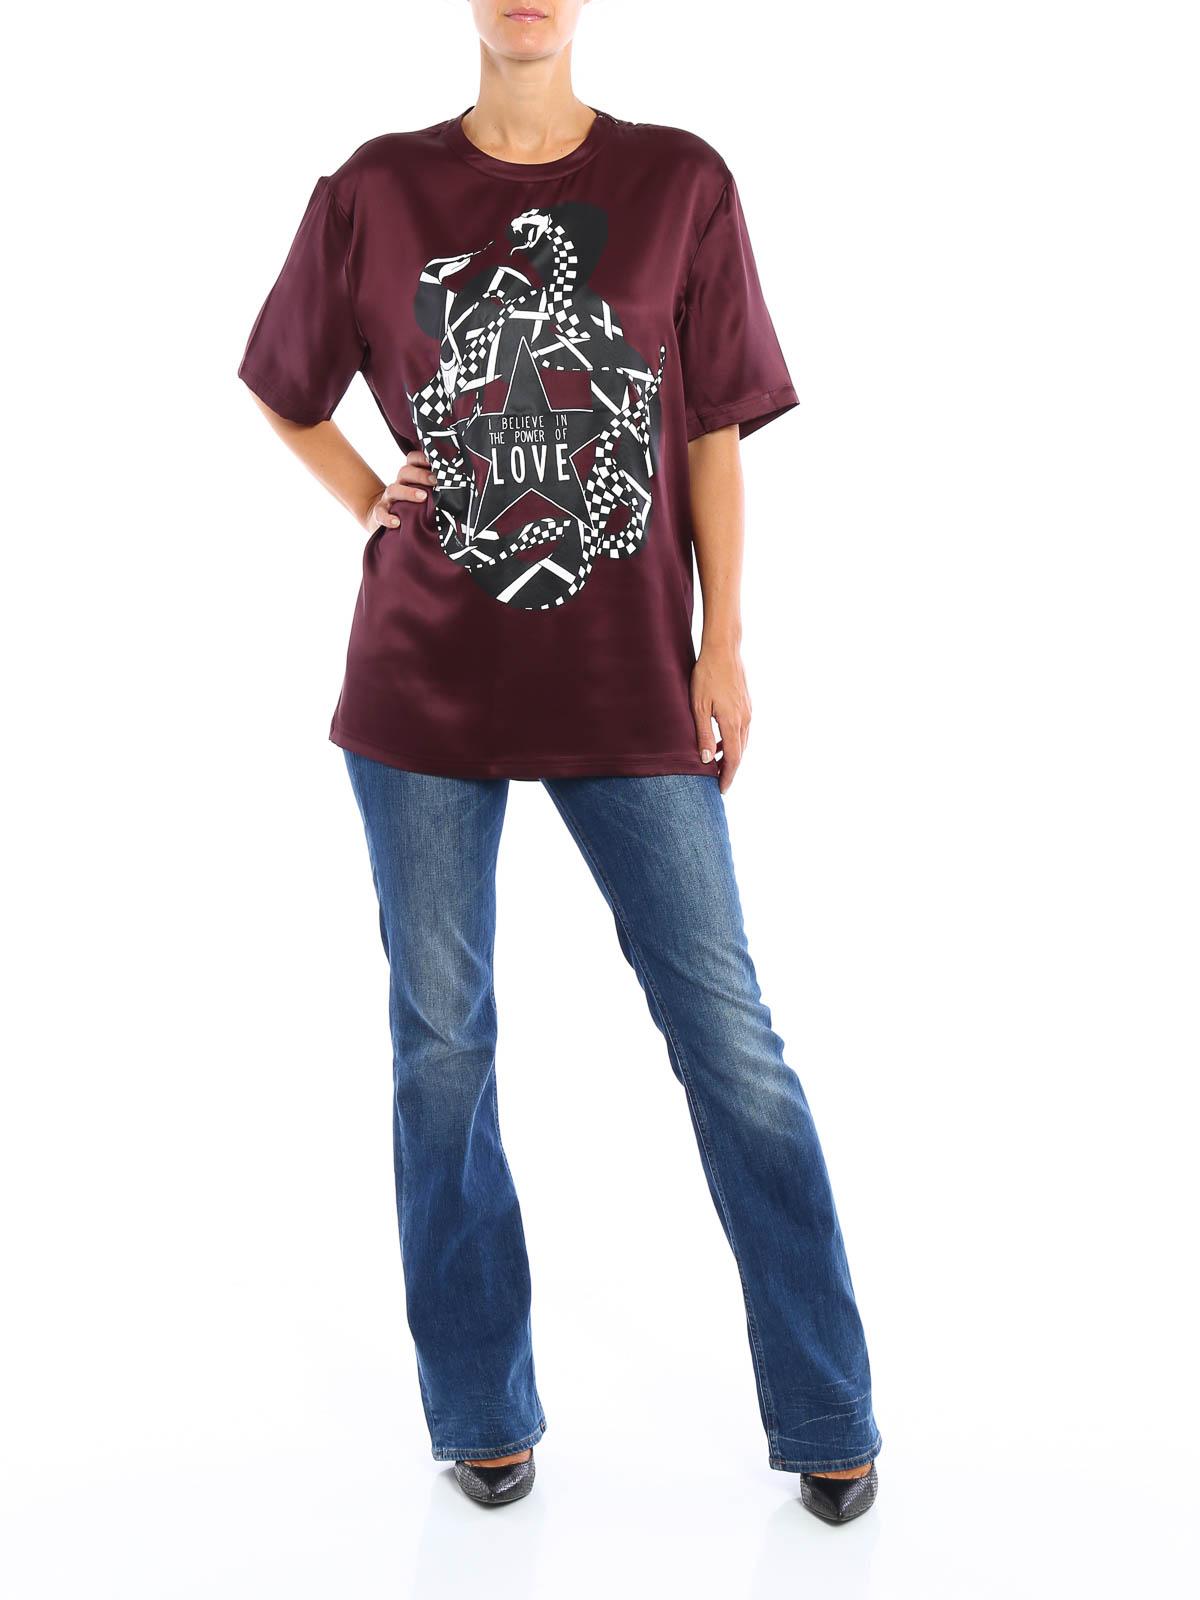 15a3575e801 Givenchy T Shirt Shop Online